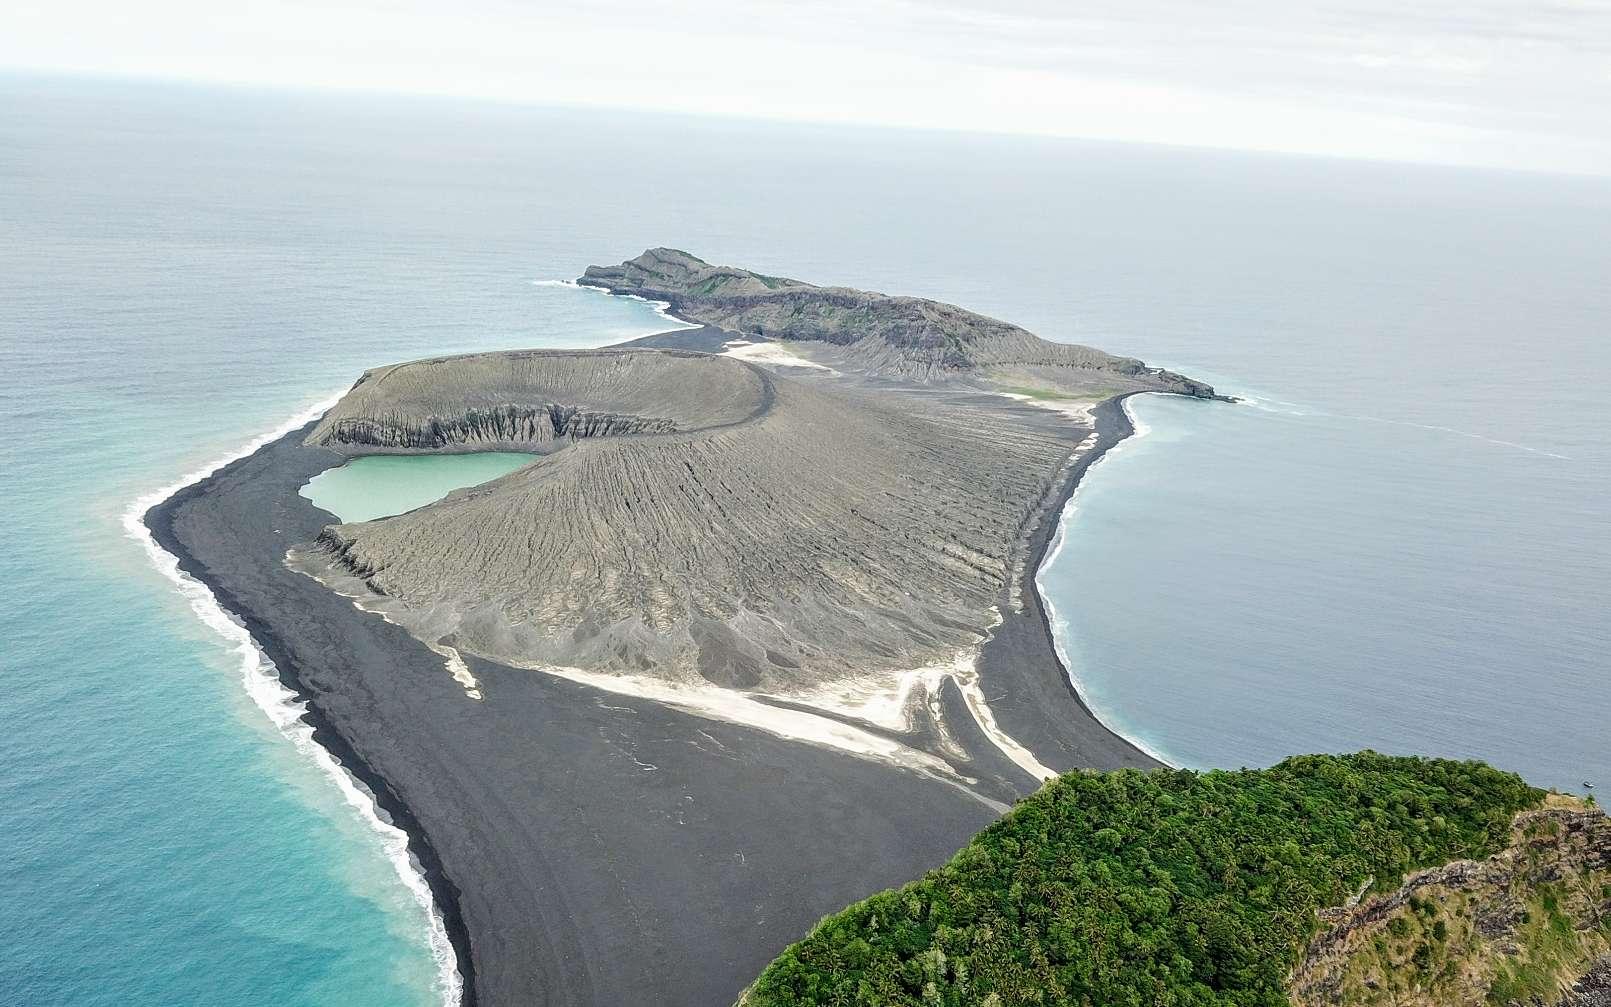 Hunga Tonga-Hunga Ha'apai, ou HTHH, vue par un drone. L'île (au centre), née début 2015, est encadrée par ses deux grandes sœurs, beaucoup plus anciennes : Hunga Tonga au premier plan, couverte de végétation ; et Hunga Ha'apai, au loin. Un isthme formé par les sédiments volcaniques les relie. © Sea Education Association/SEA Semester